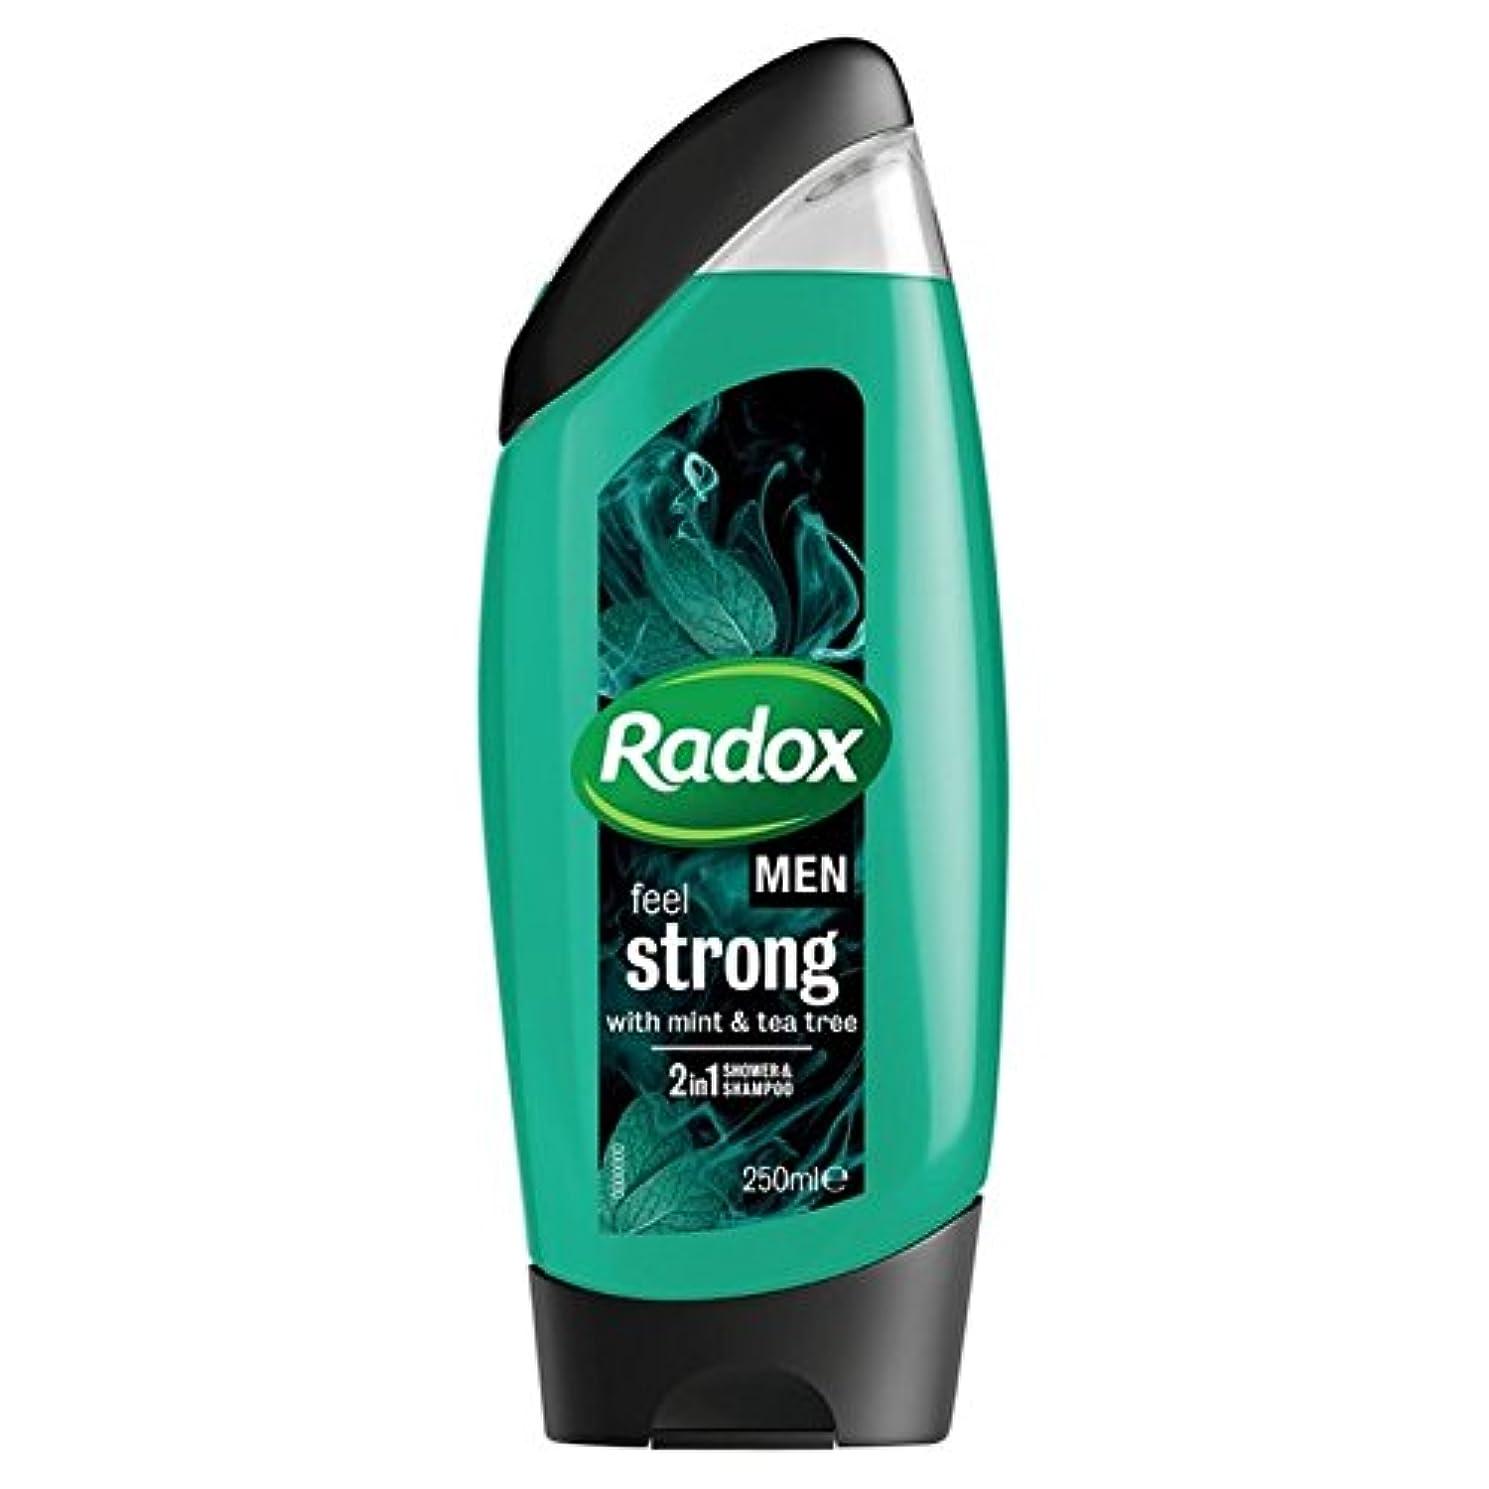 危険を冒しますまだらパンダ男性は、強力なミント&ティーツリーの21のシャワージェル250ミリリットルを感じます x2 - Radox Men Feel Strong Mint & Tea Tree 2in1 Shower Gel 250ml (Pack...